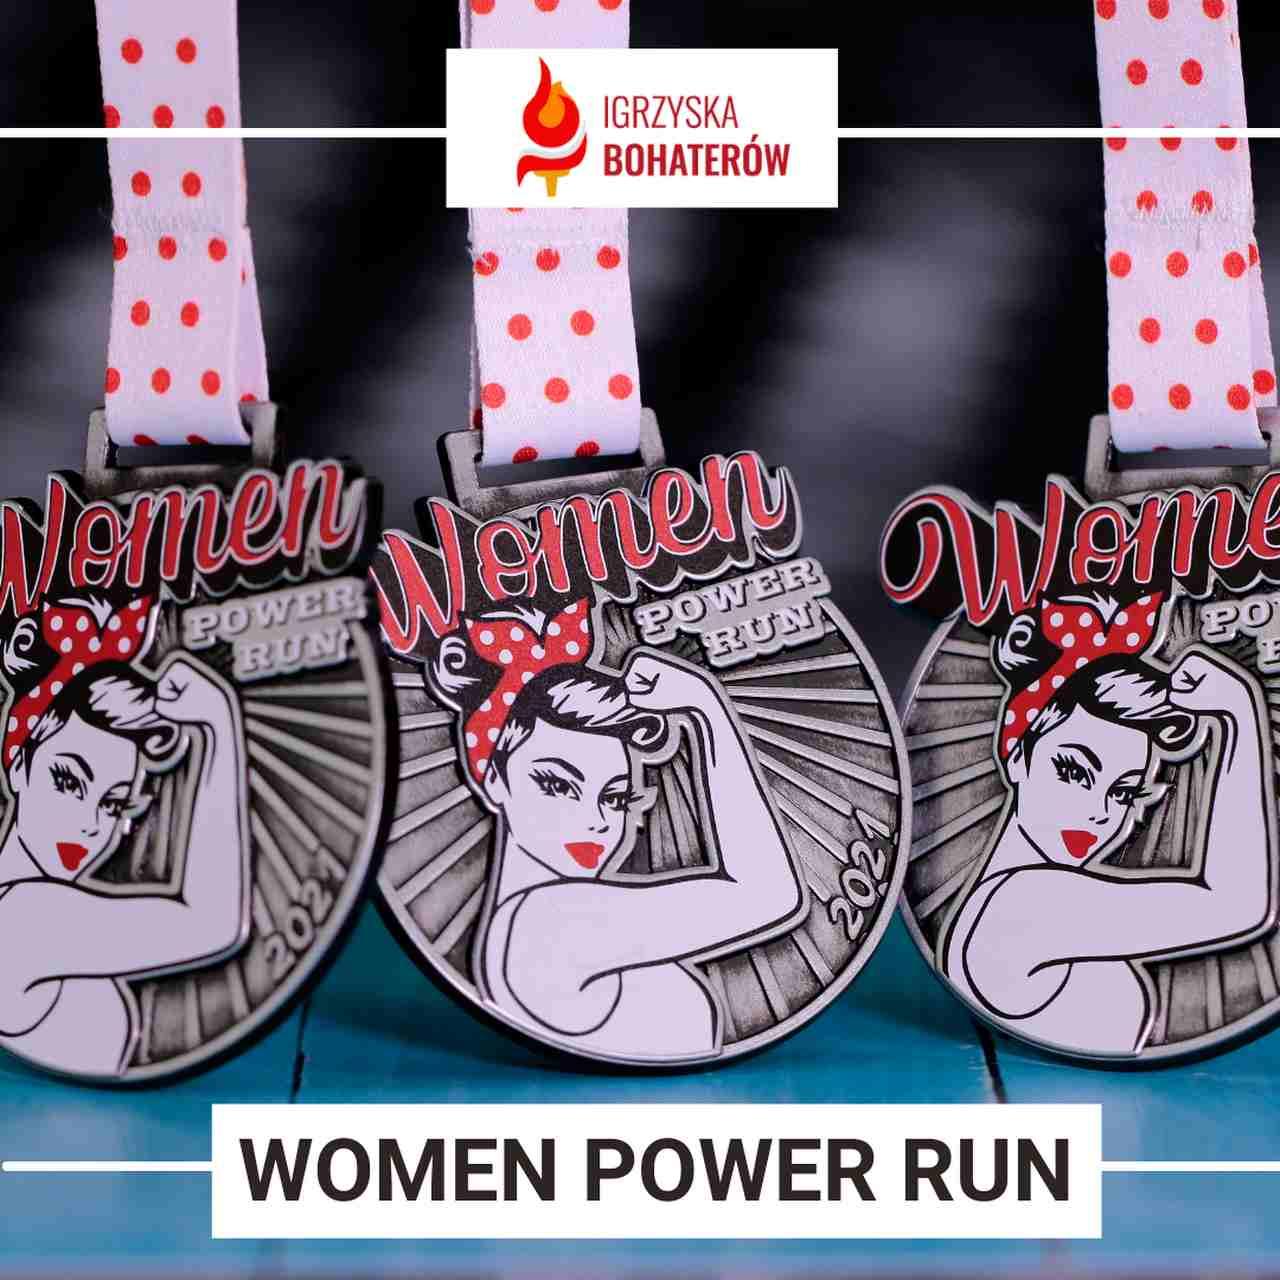 medale na bieg dla kobiet igrzyska bohaterów